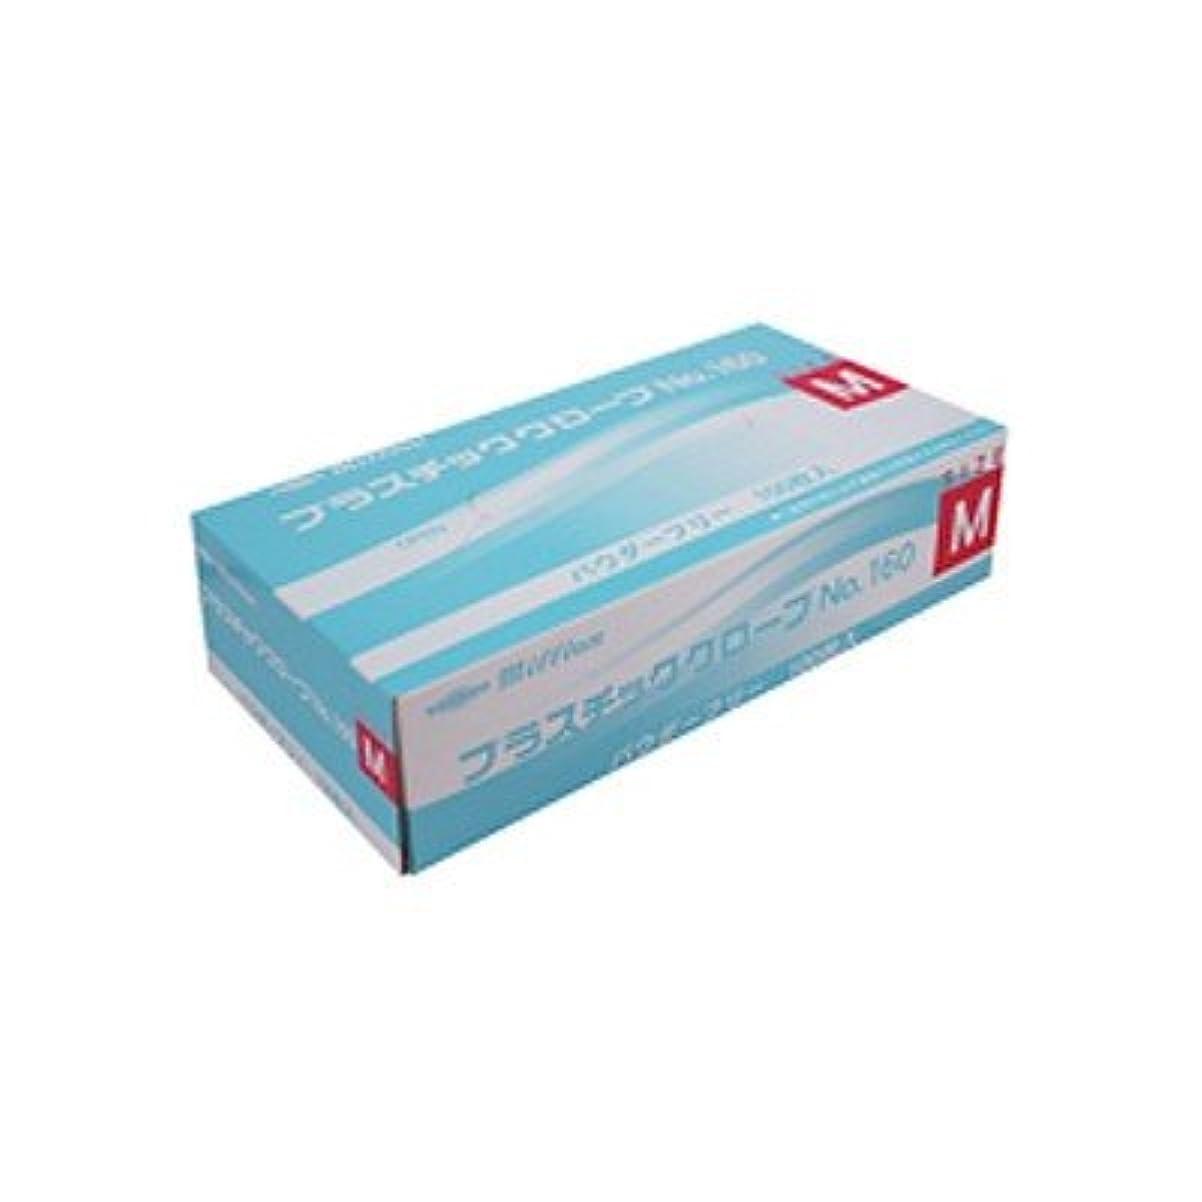 見出し一口自明ミリオン プラスチック手袋 粉無 No.160 M 品番:LH-160-M 注文番号:62741606 メーカー:共和